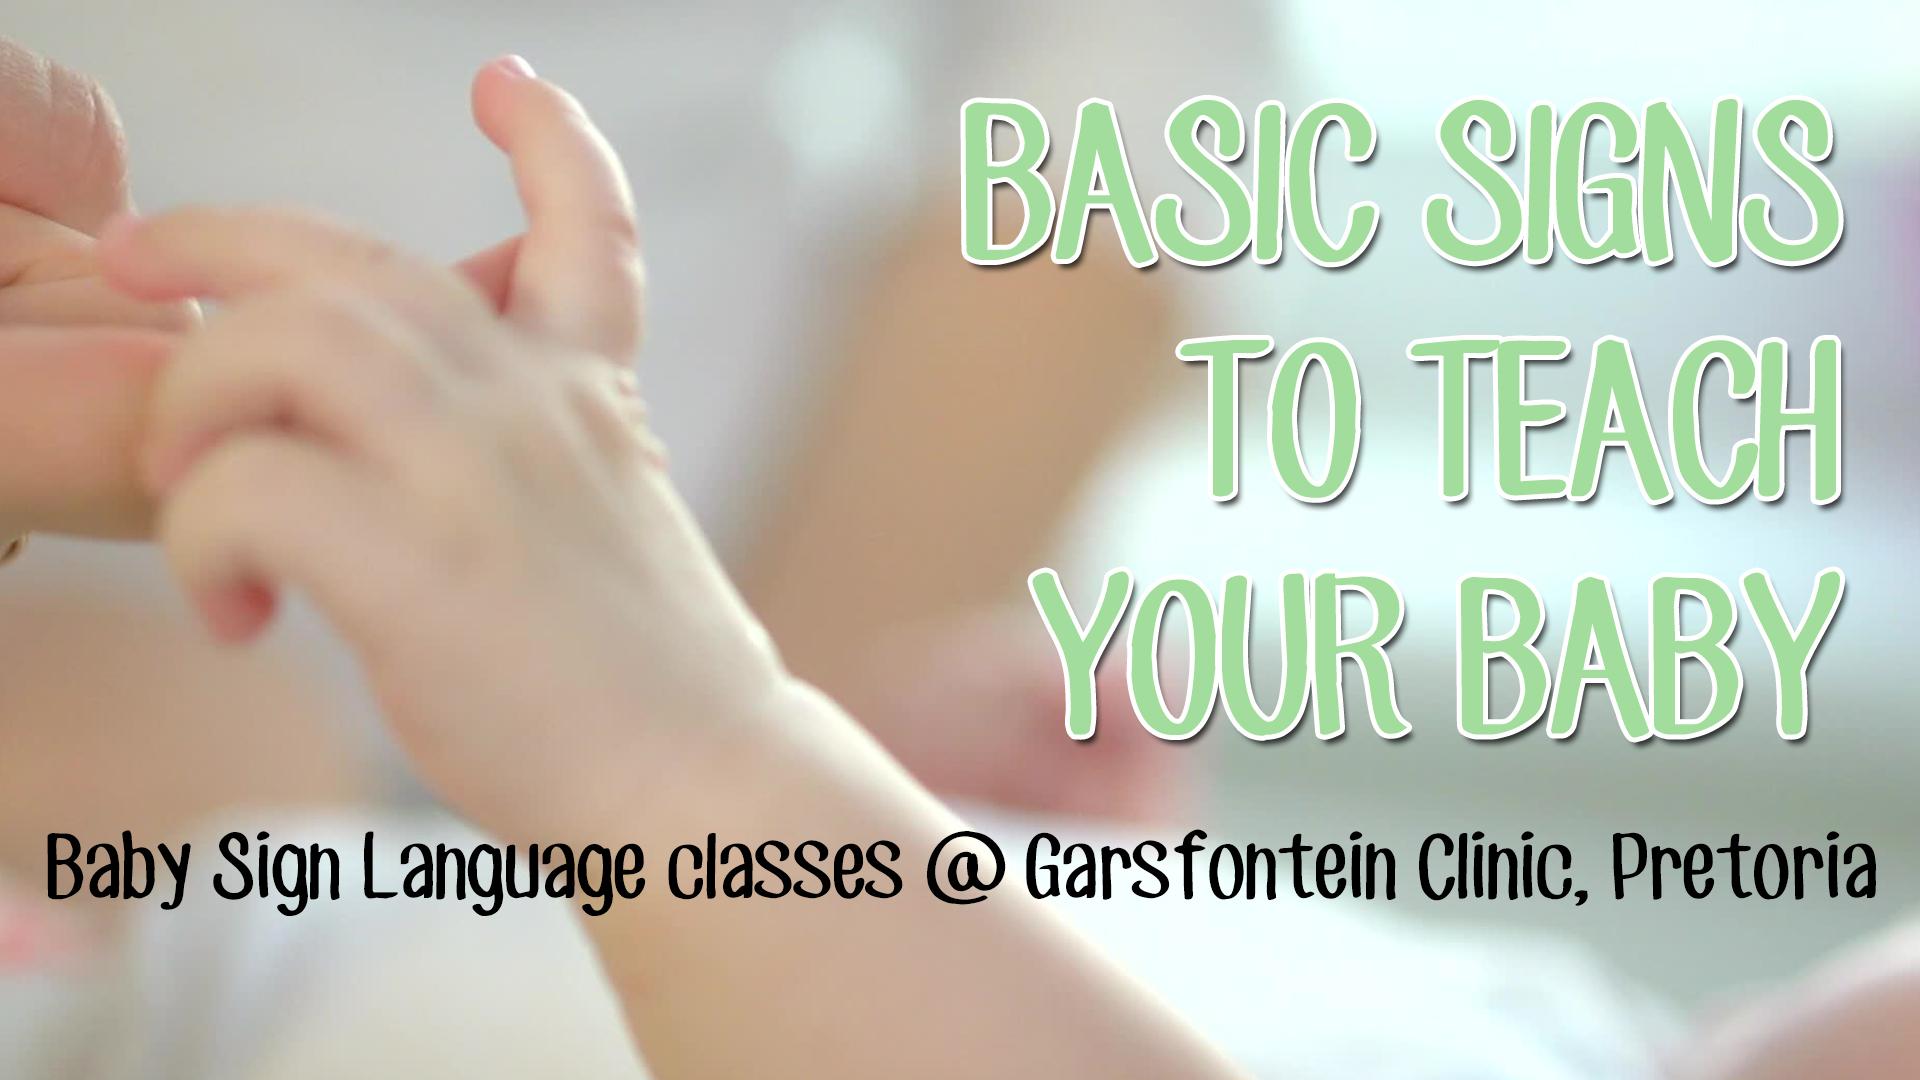 Baby Sign Language Classes - Pretoria